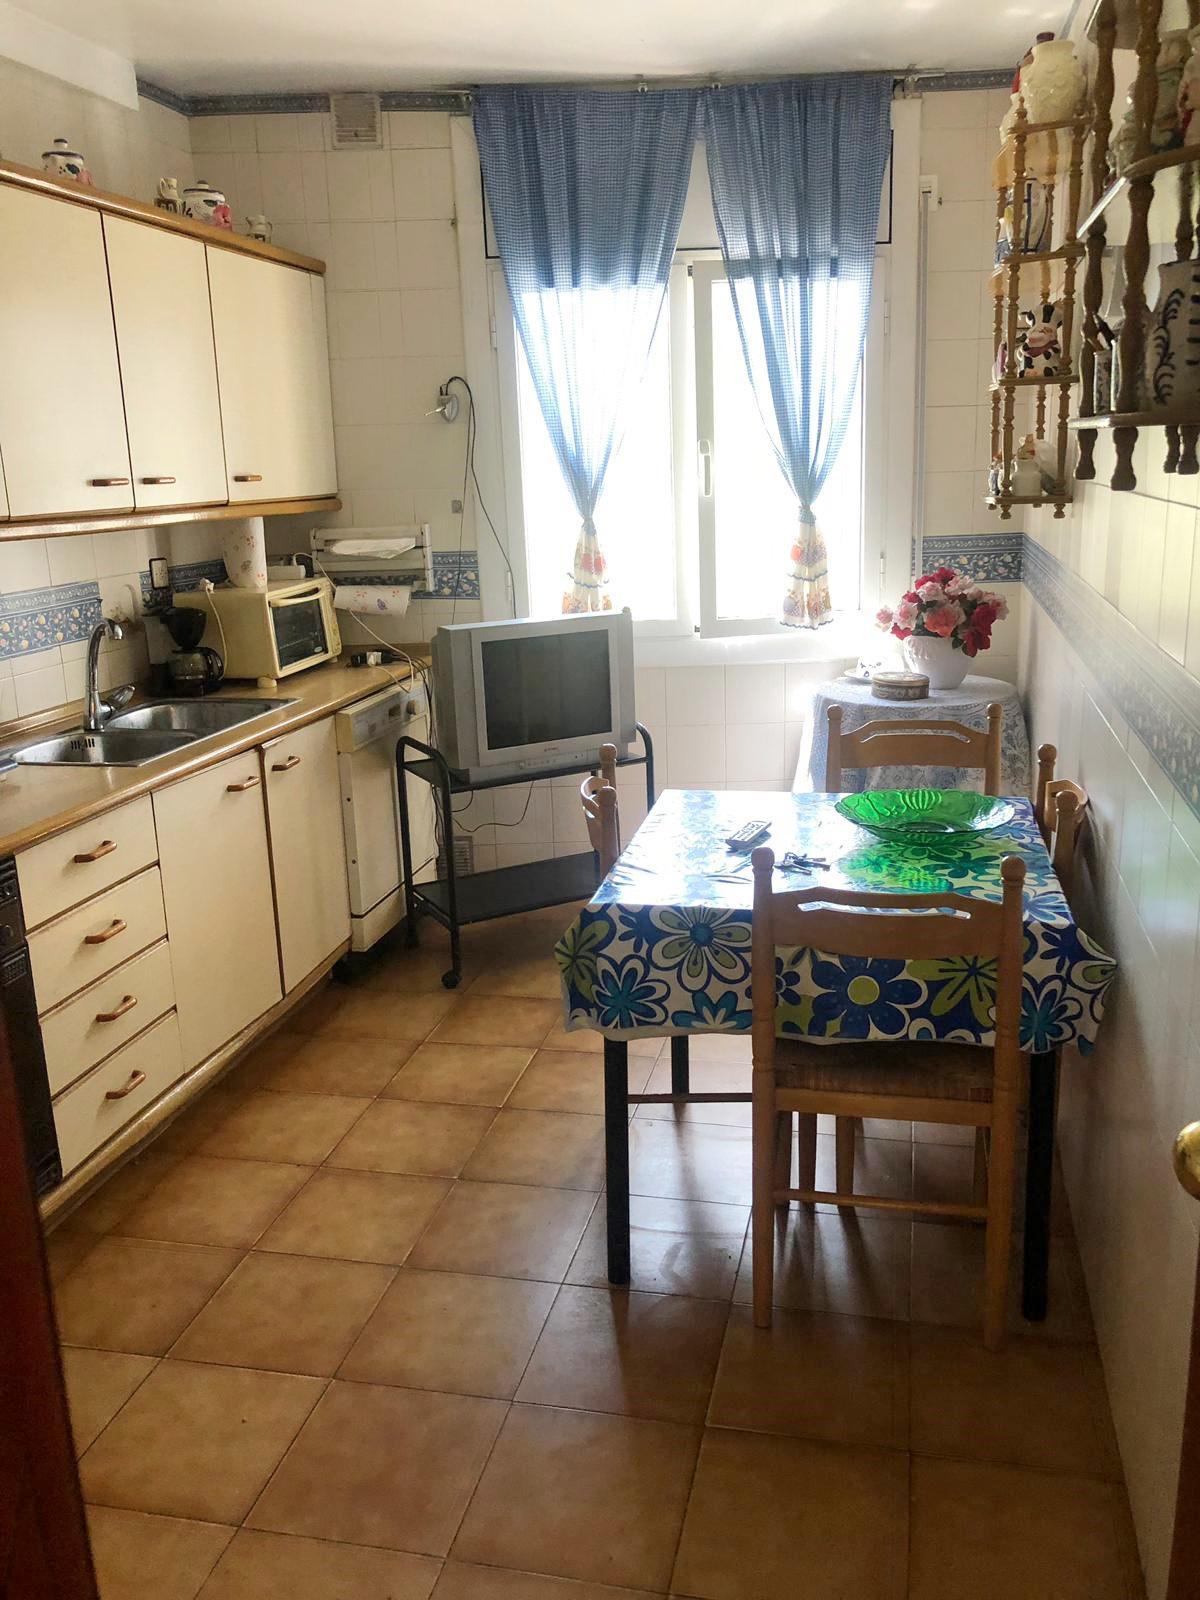 Imagen 4 Casa Adosada en venta en Martorelles / Martorelles- Centro -Casa adosada exterior